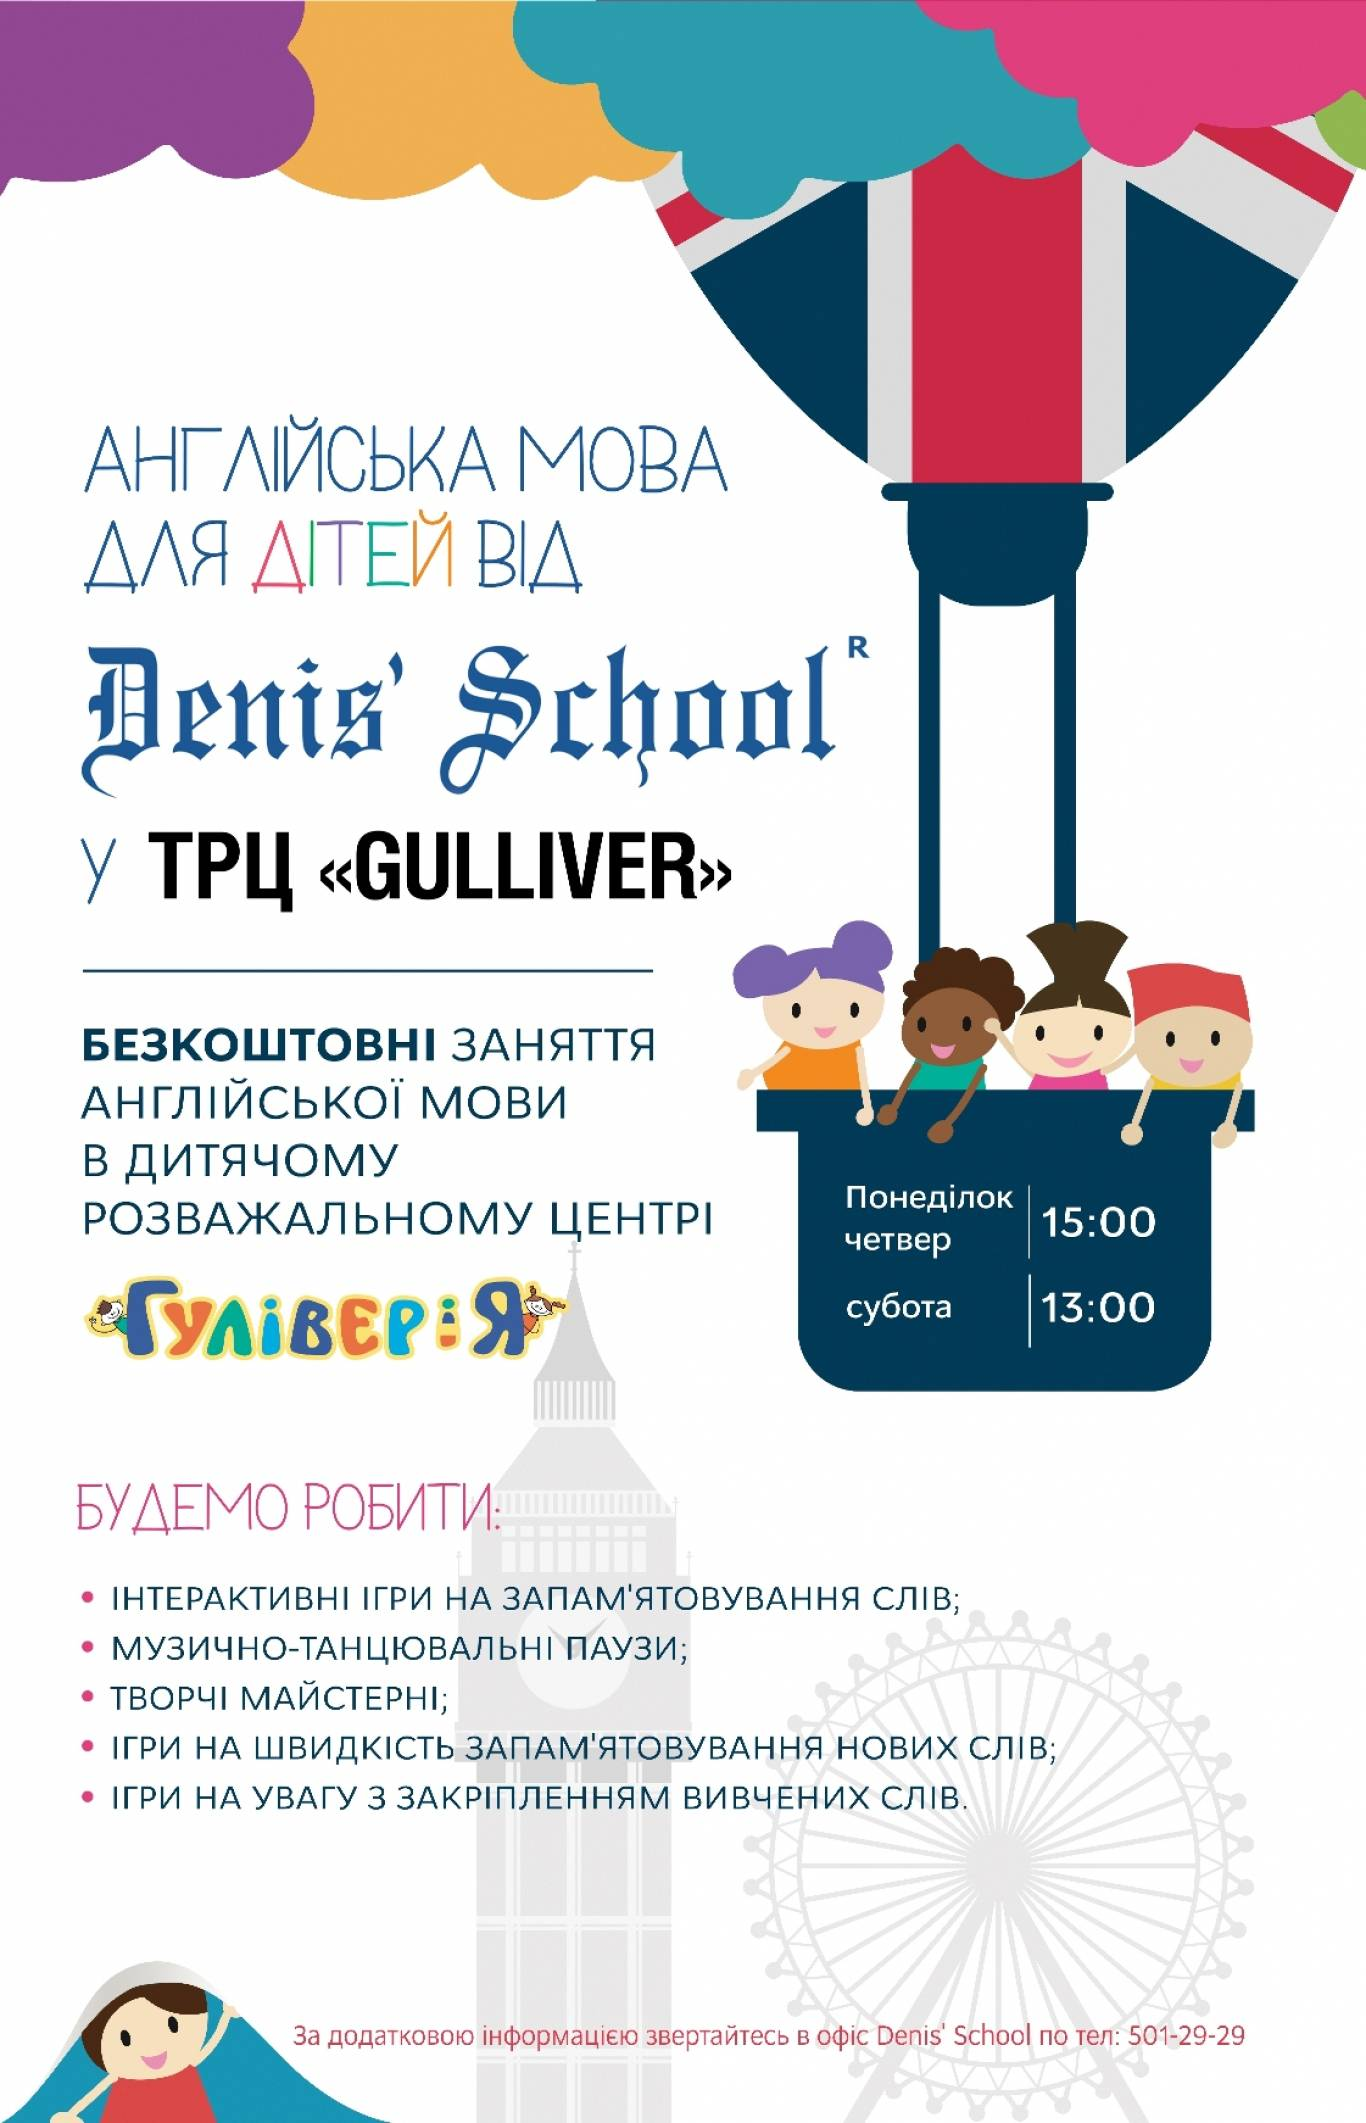 Безкоштовні заняття з англійської мови для дітей від Denis School в ТРЦ «Гулливер»